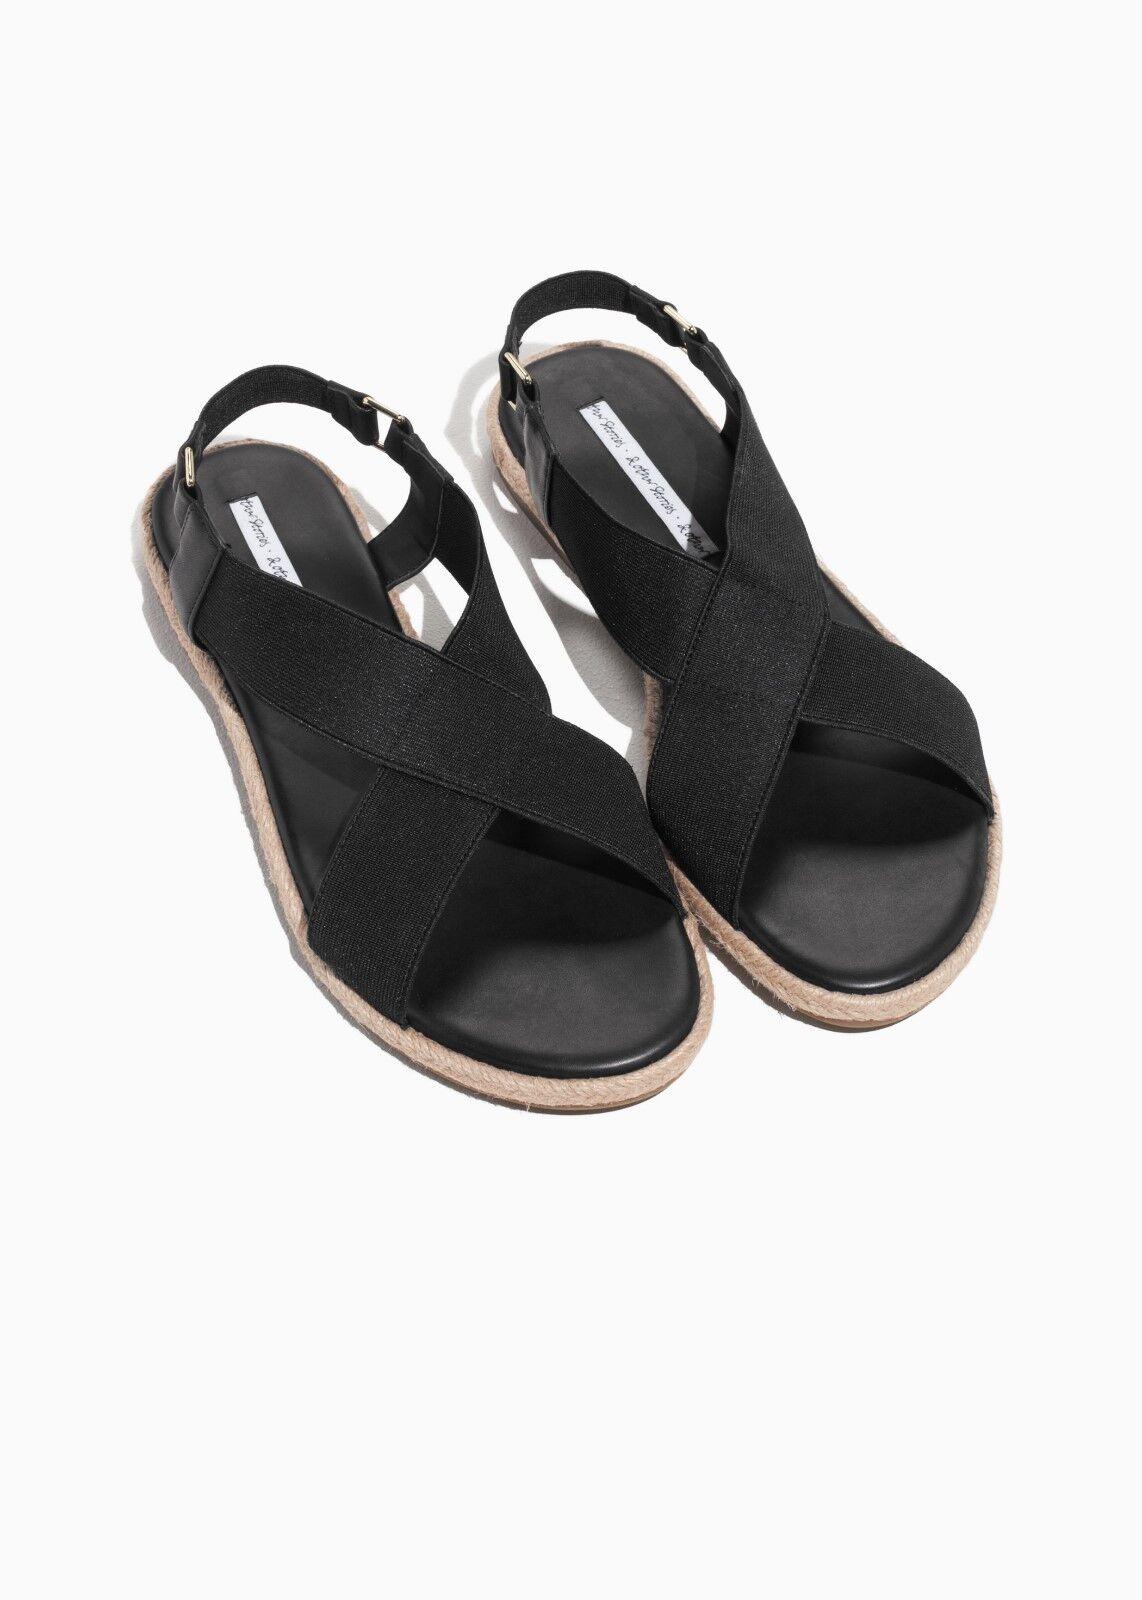 & altre storie sandali cinturino incrociate-progettato in Paris-Nero-EU 41